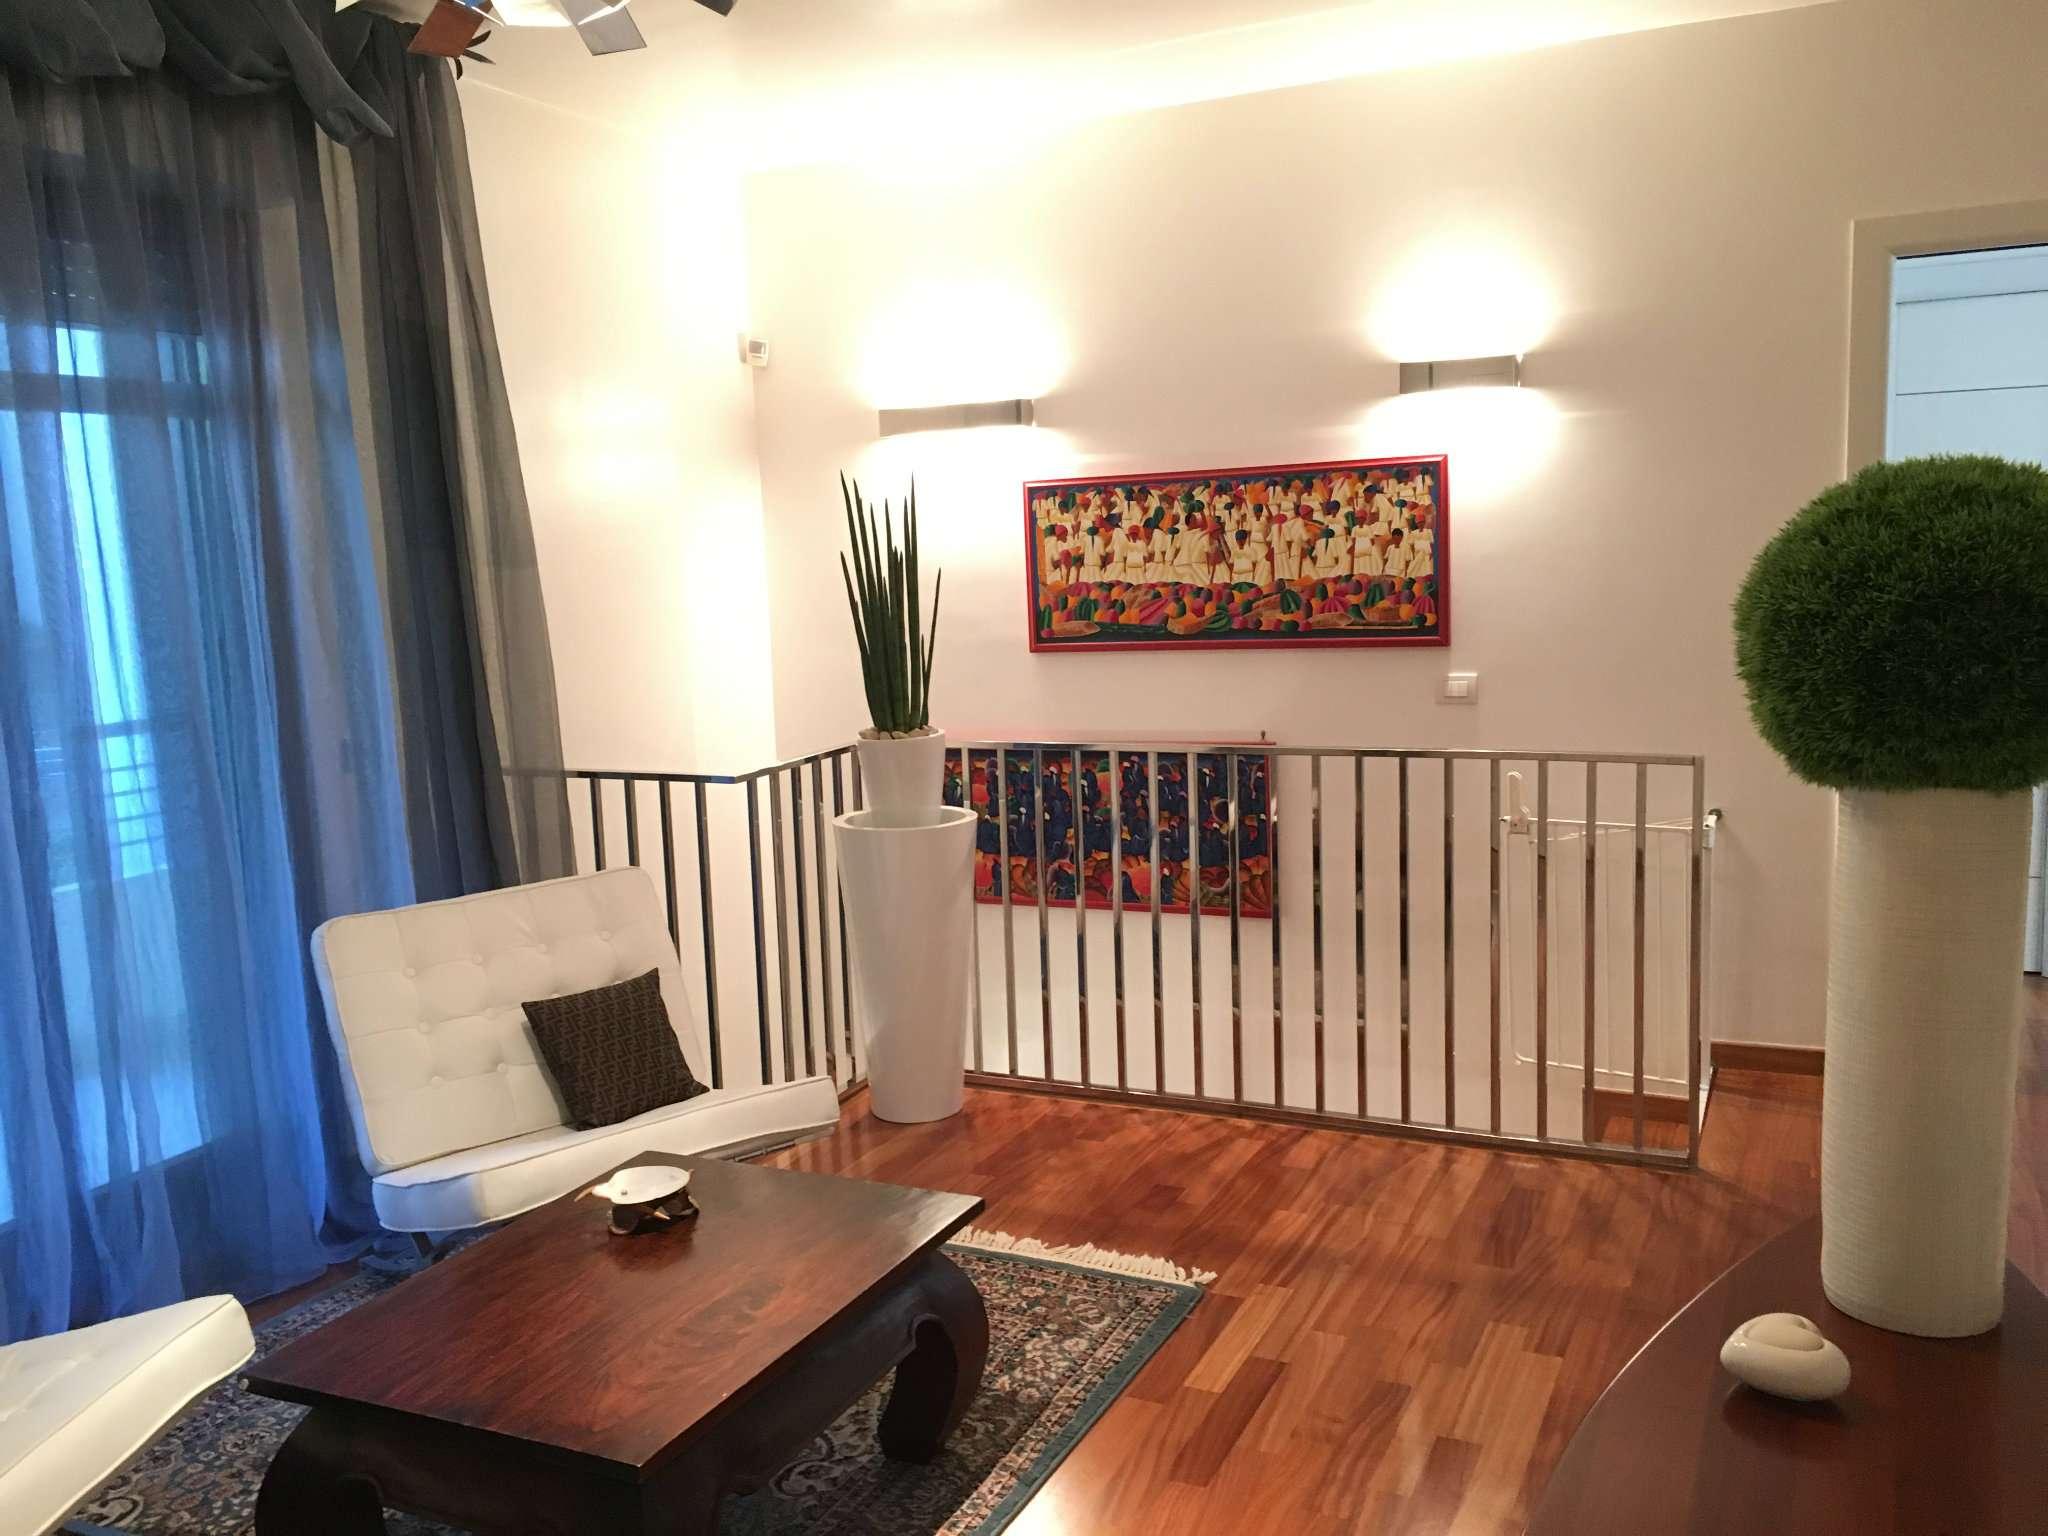 Appartamento in vendita a Modugno, 5 locali, prezzo € 380.000 | CambioCasa.it